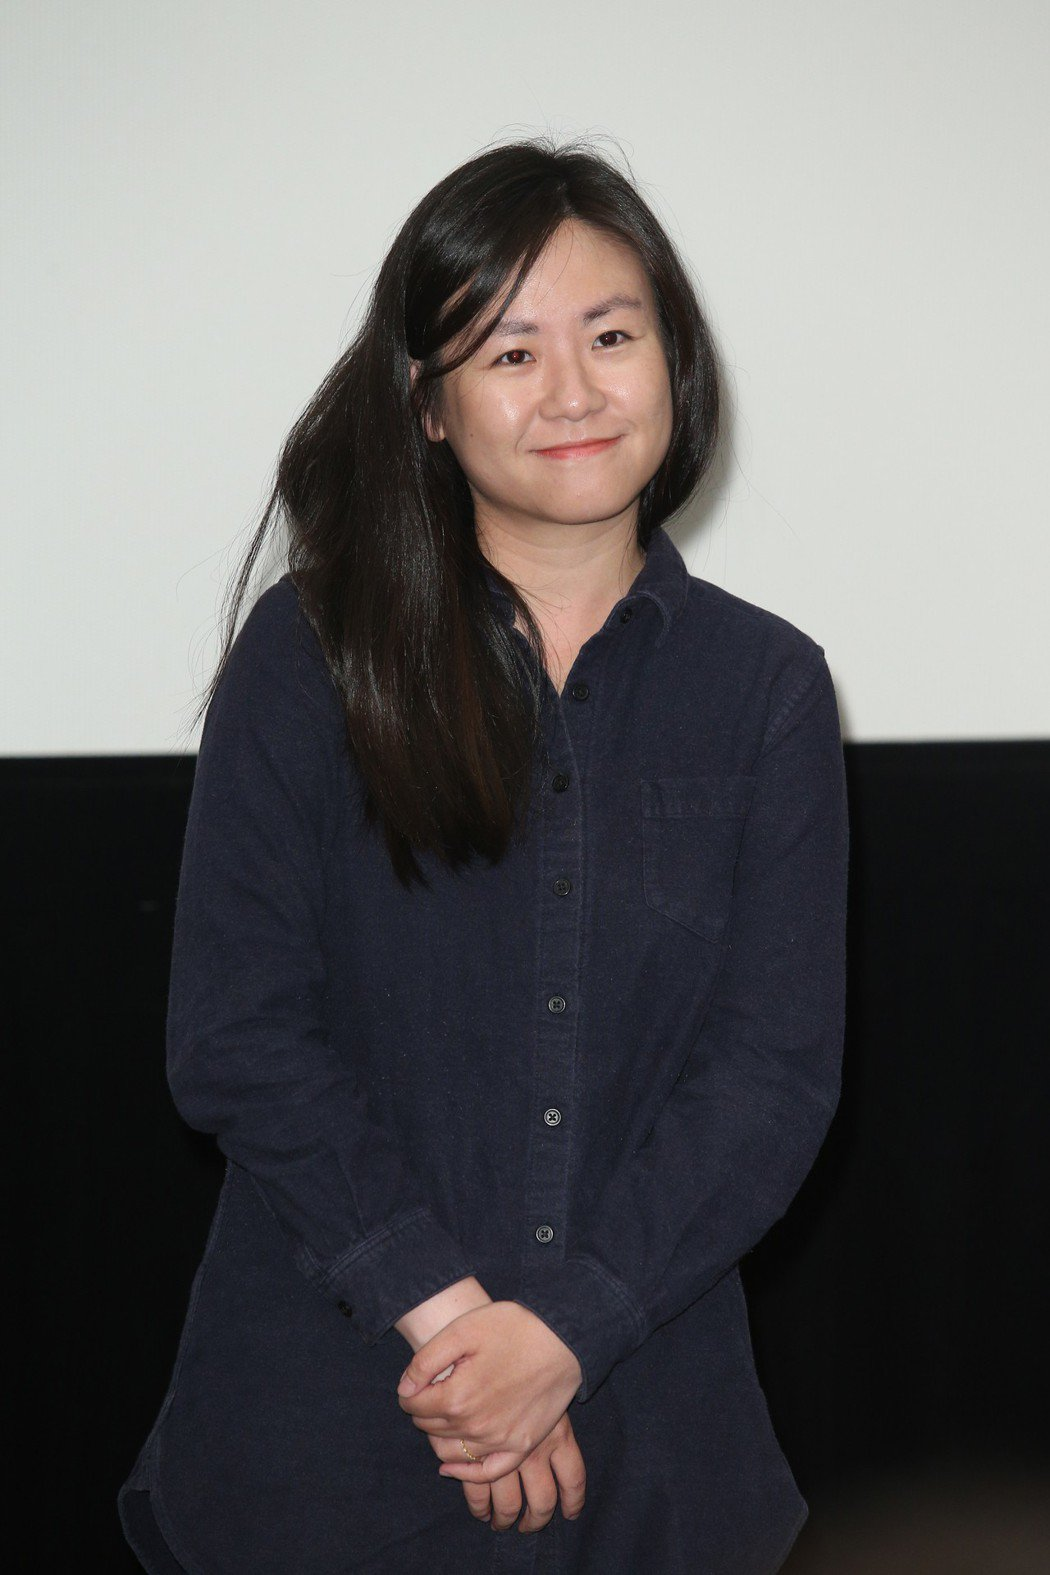 「時光台灣」紀錄短片首映會,導演林婉玉出席。記者陳正興/攝影